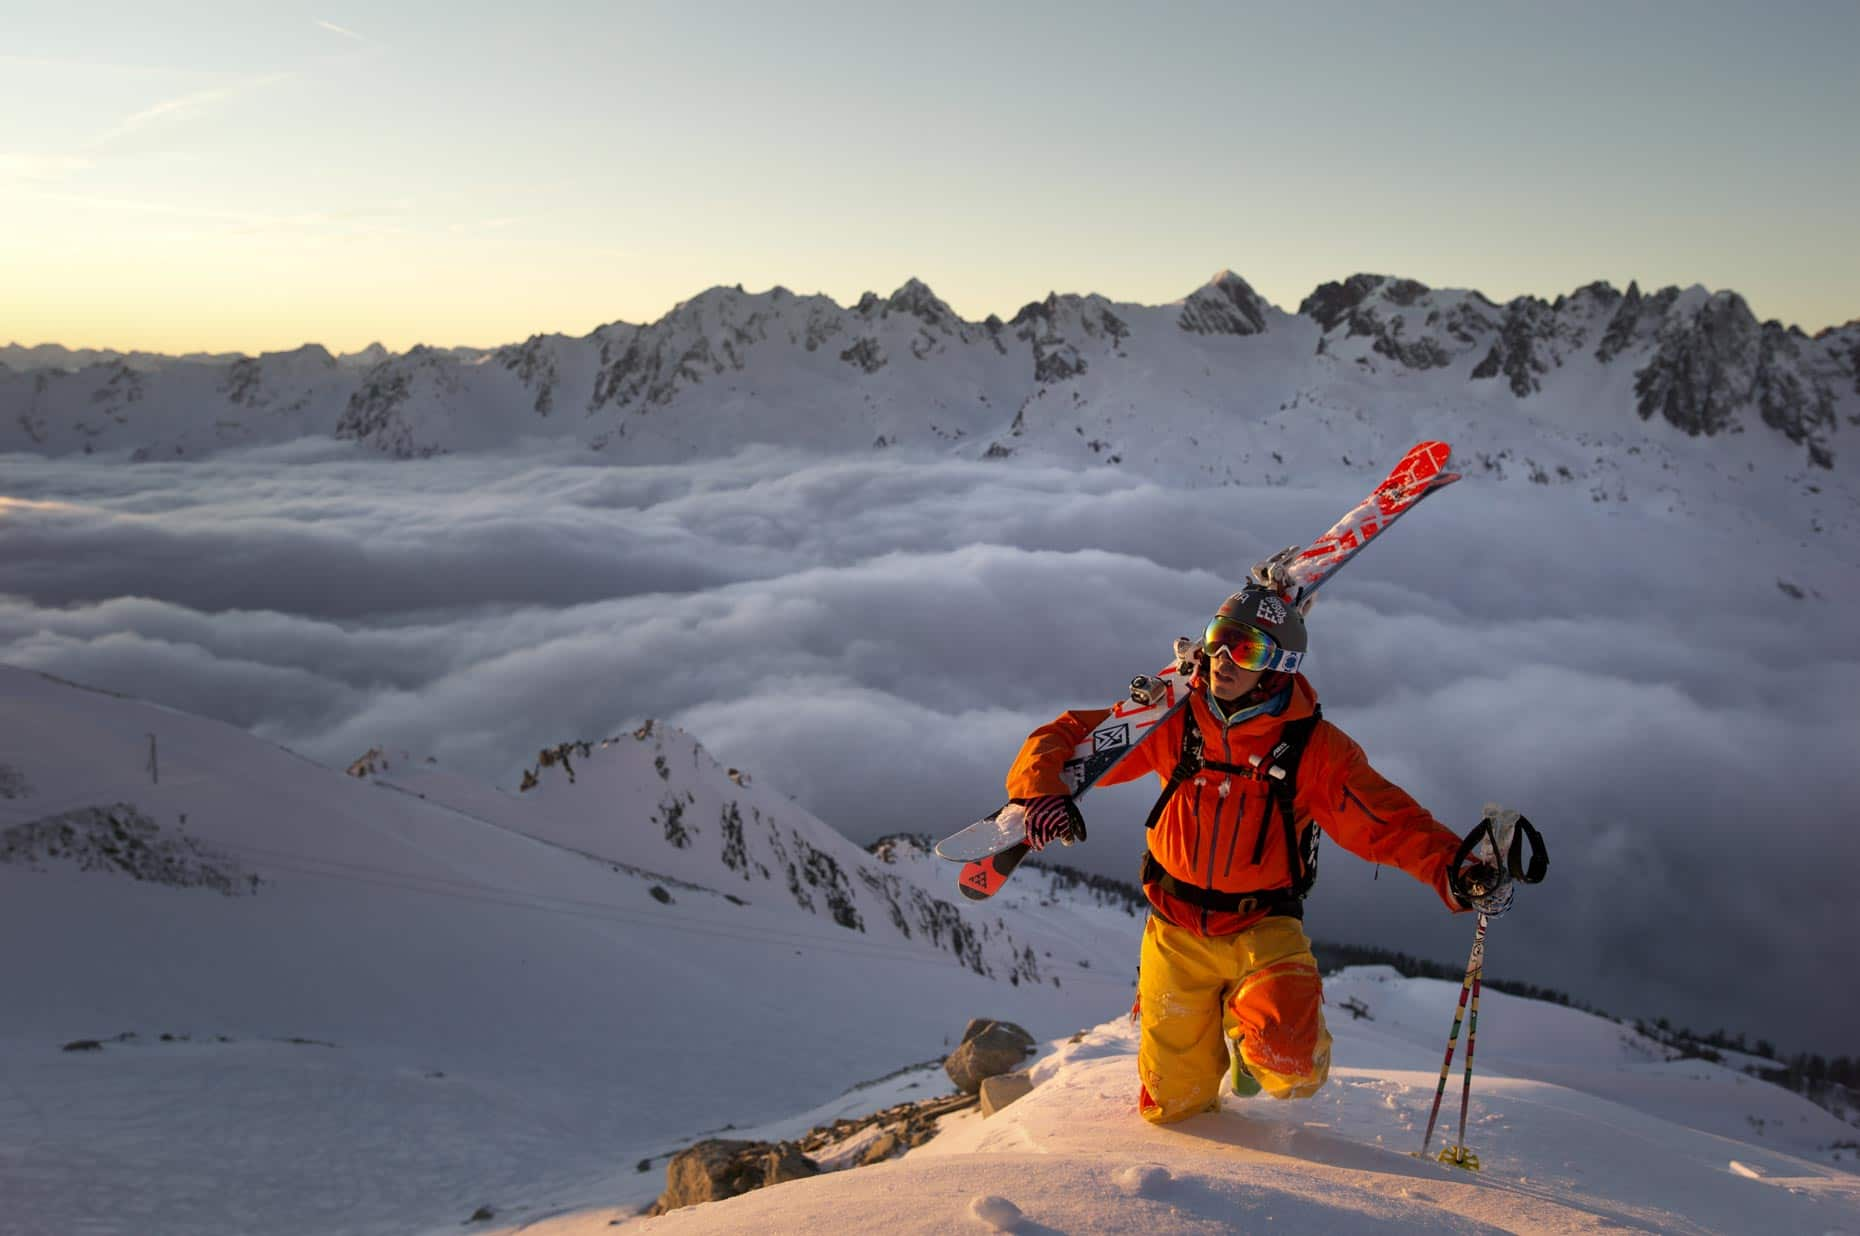 Udsigt over de sneklædte bjerge i Chamonix.